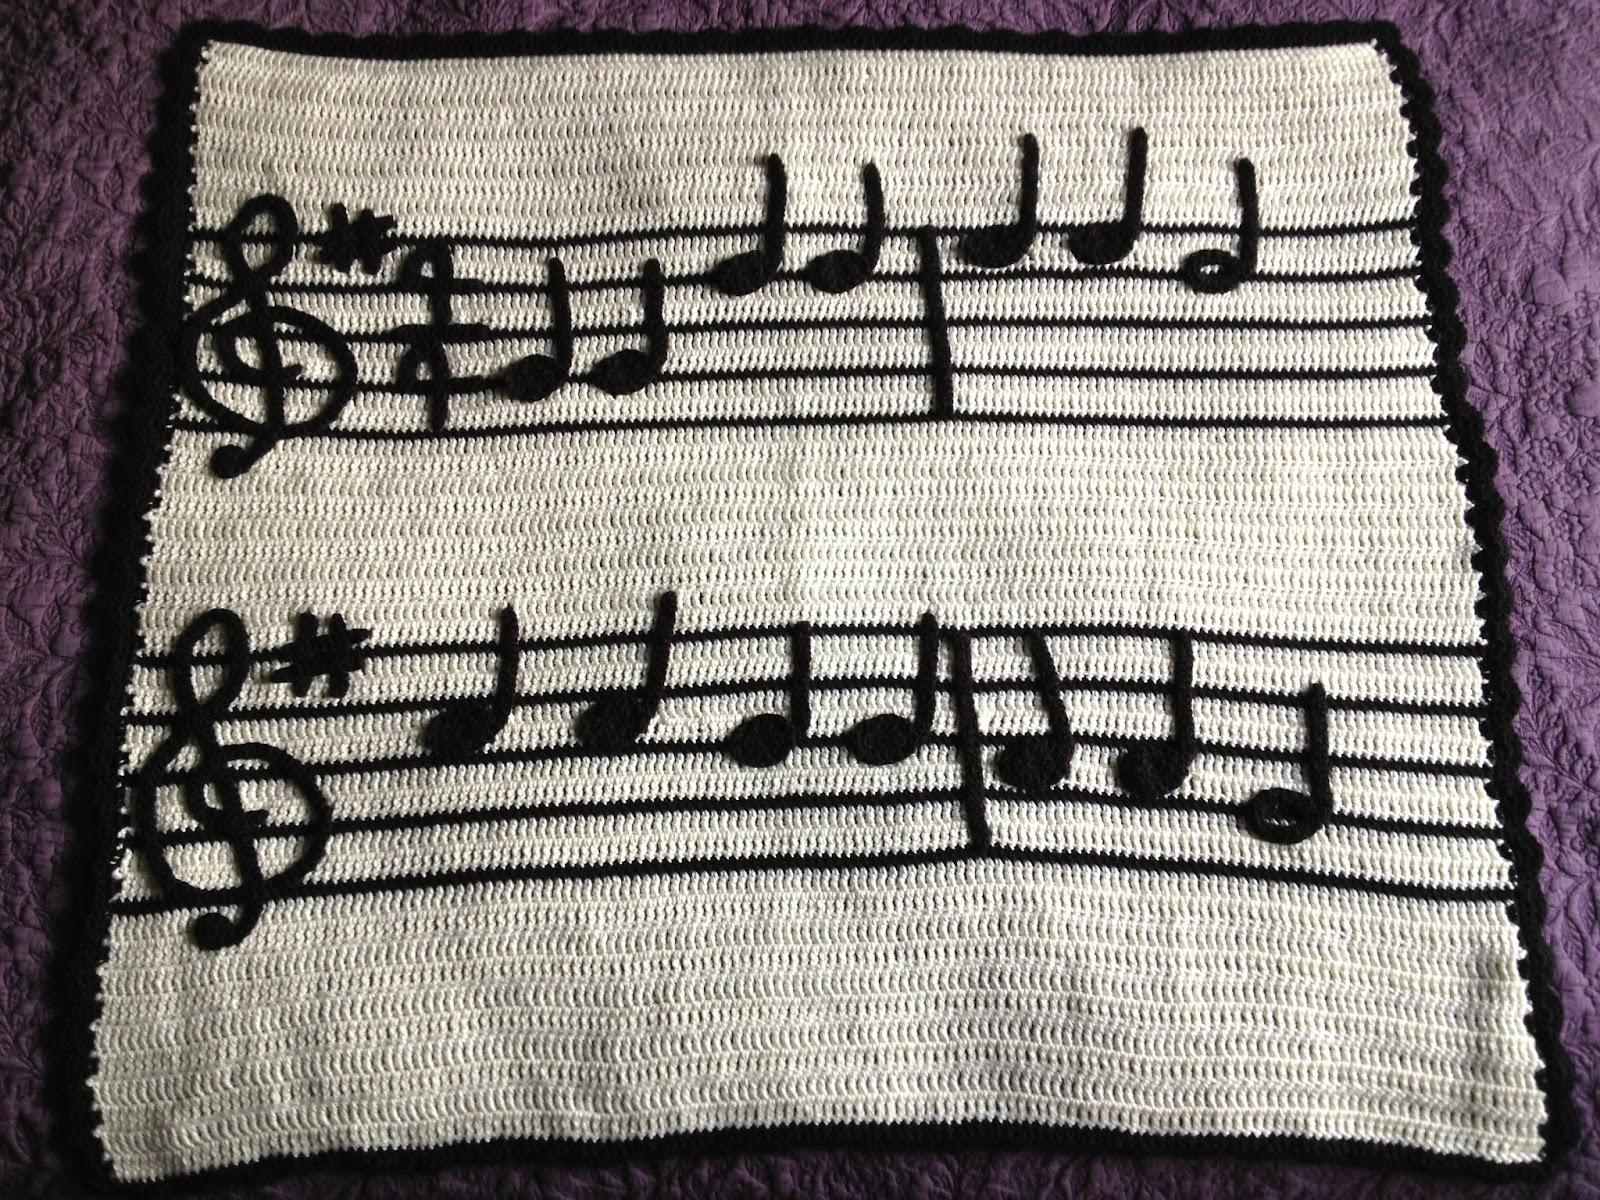 Illuminate Crochet August 2013